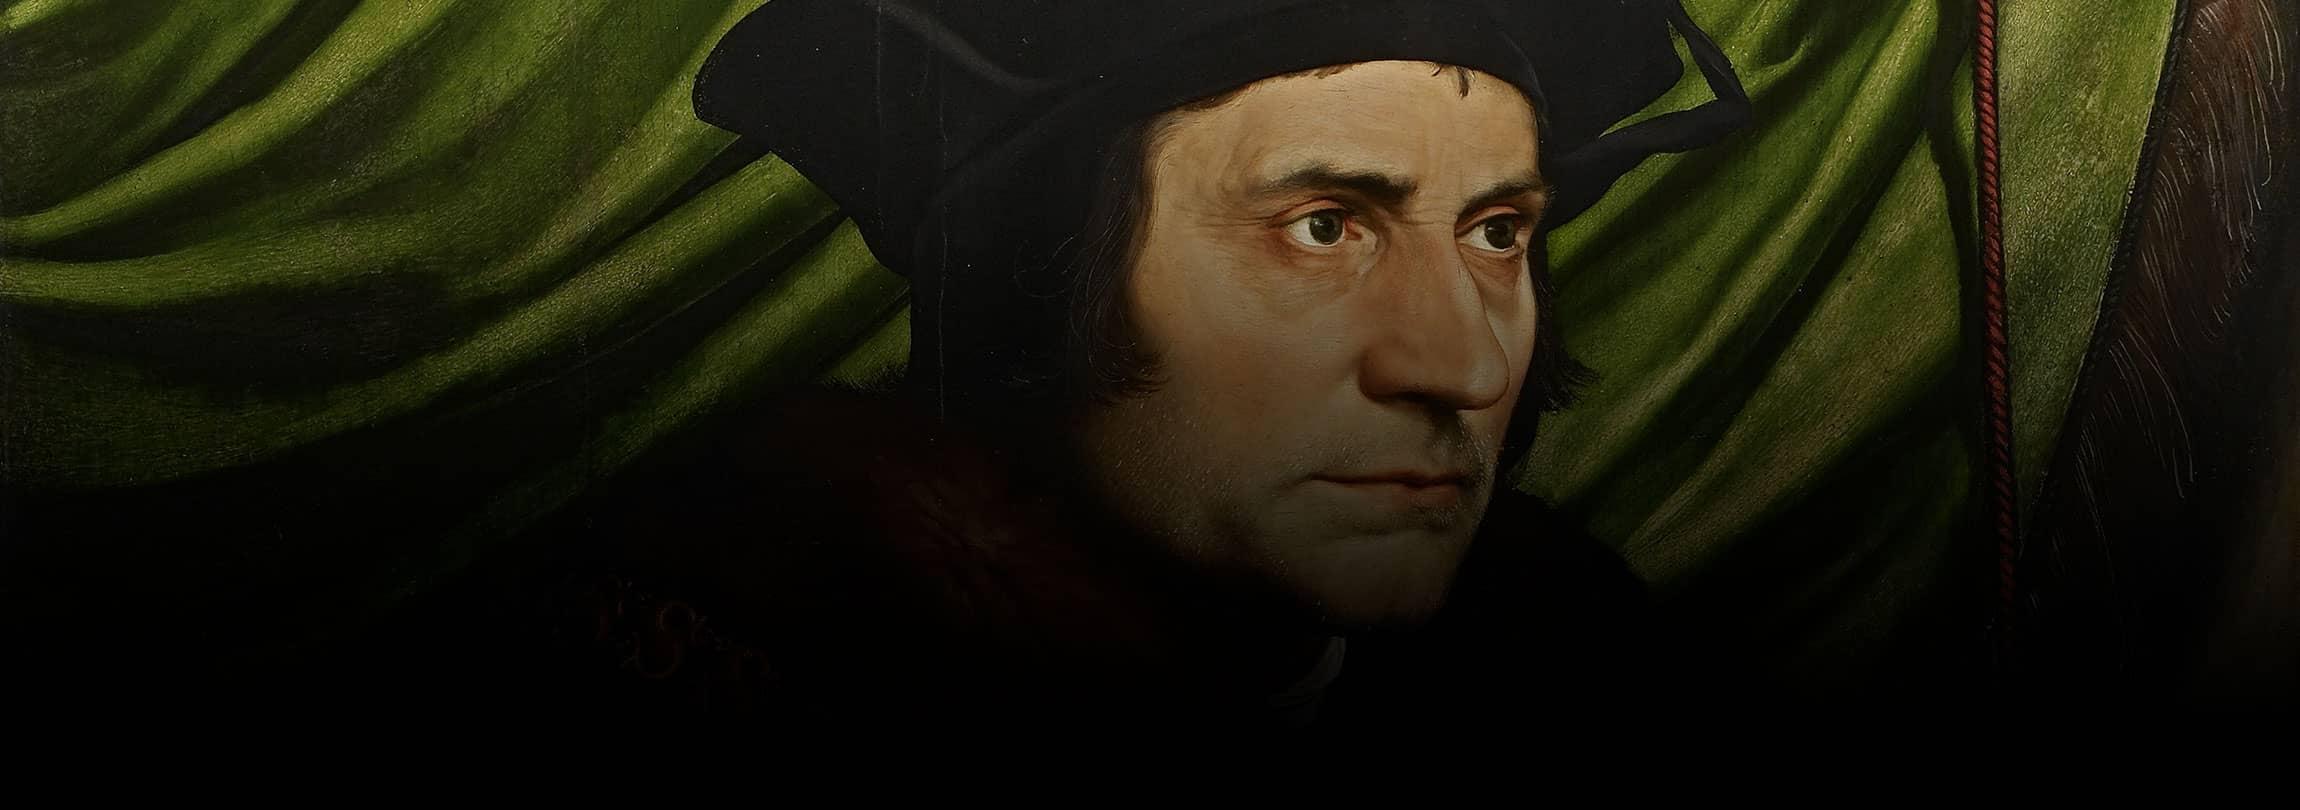 Ser devoto de São Thomas More hoje